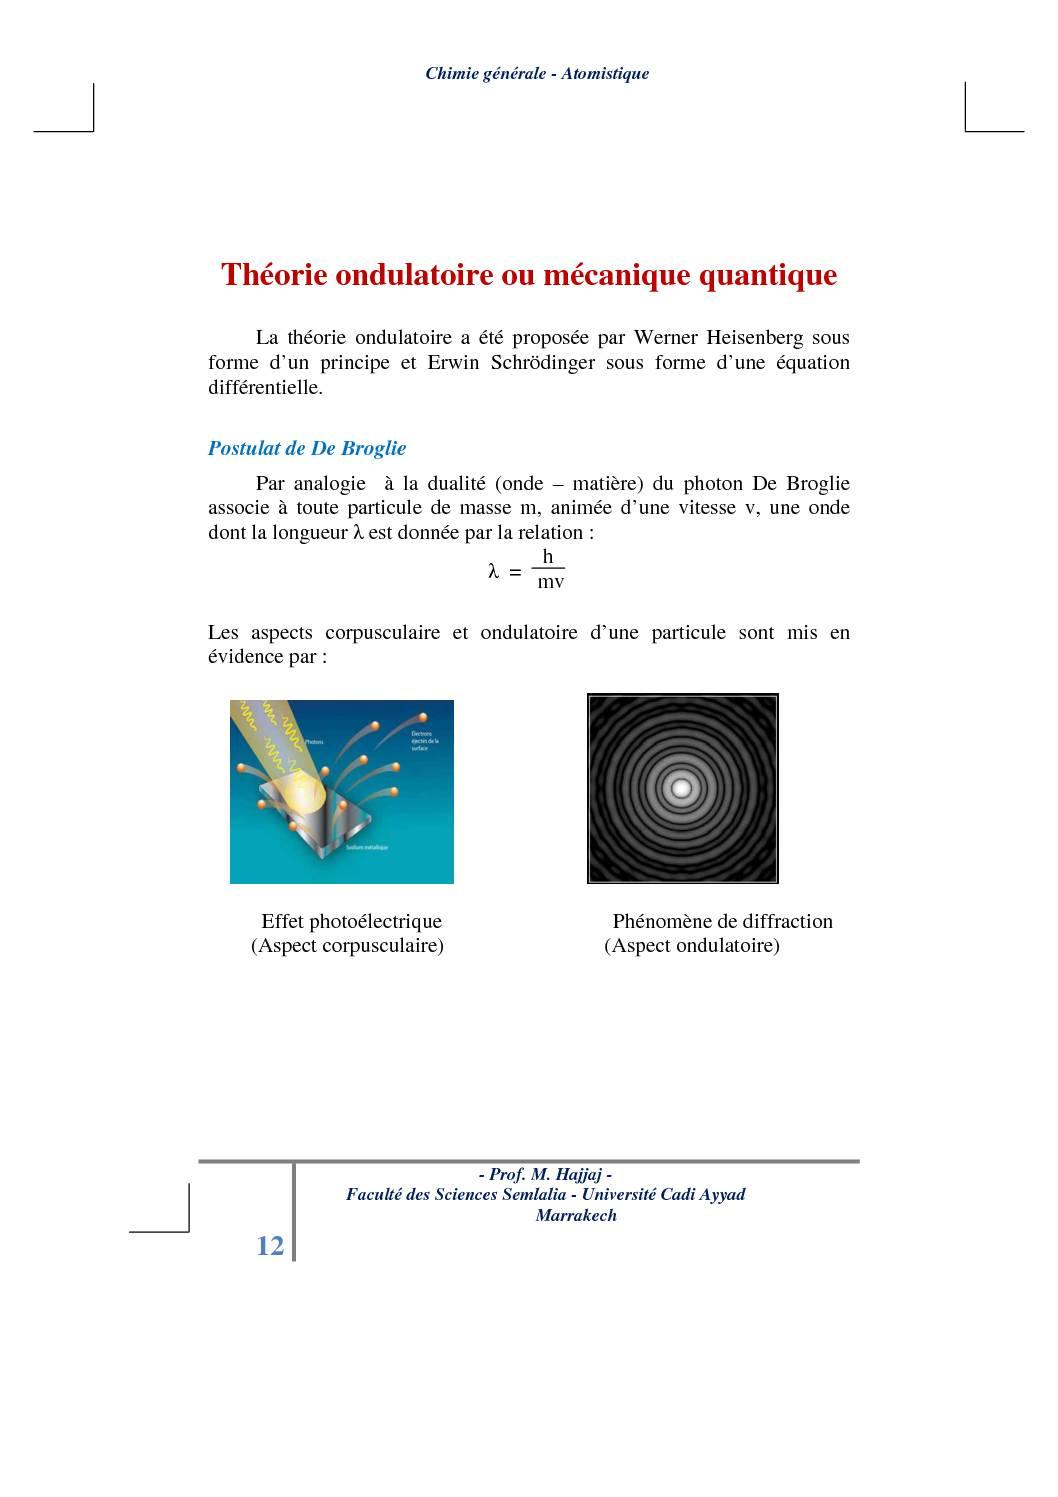 Cours Atomistique : Théorie ondulatoire ou mécanique quantique